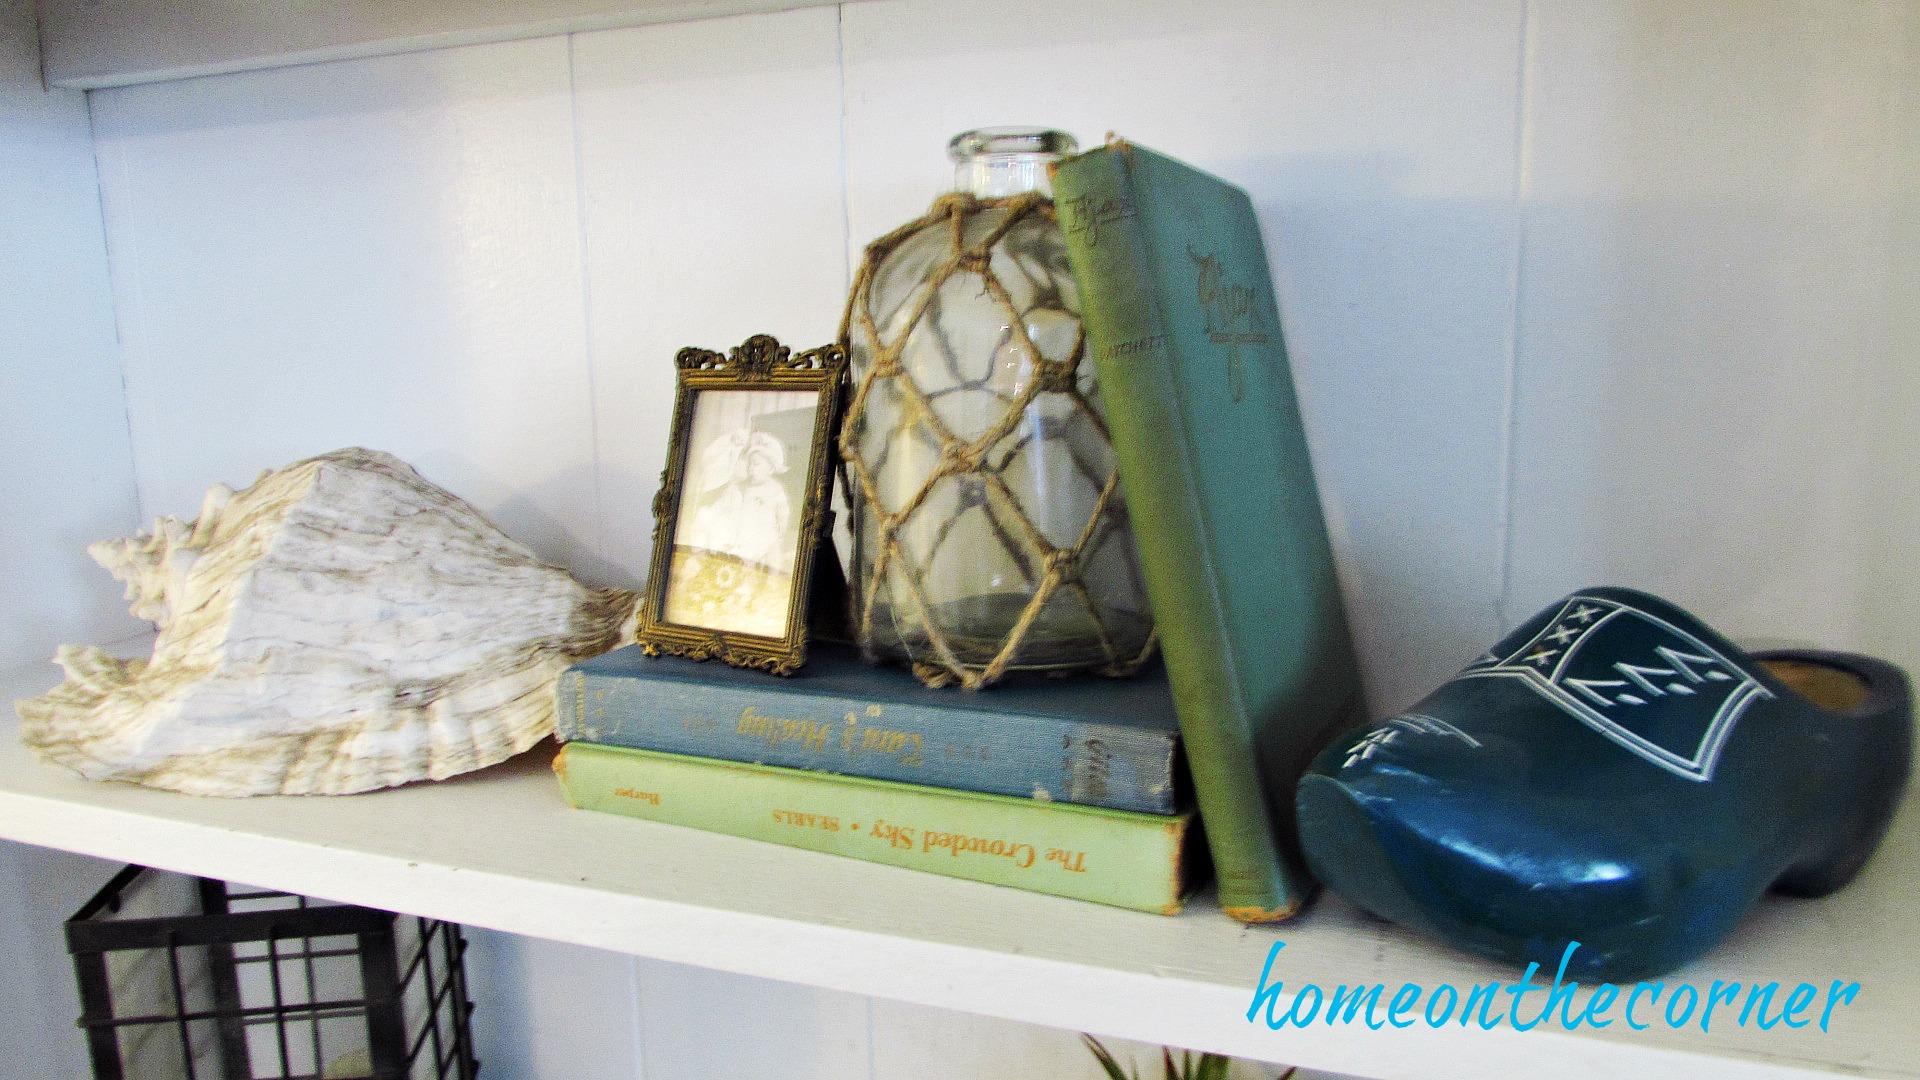 family room shelving seashell, wooden shoe, old books